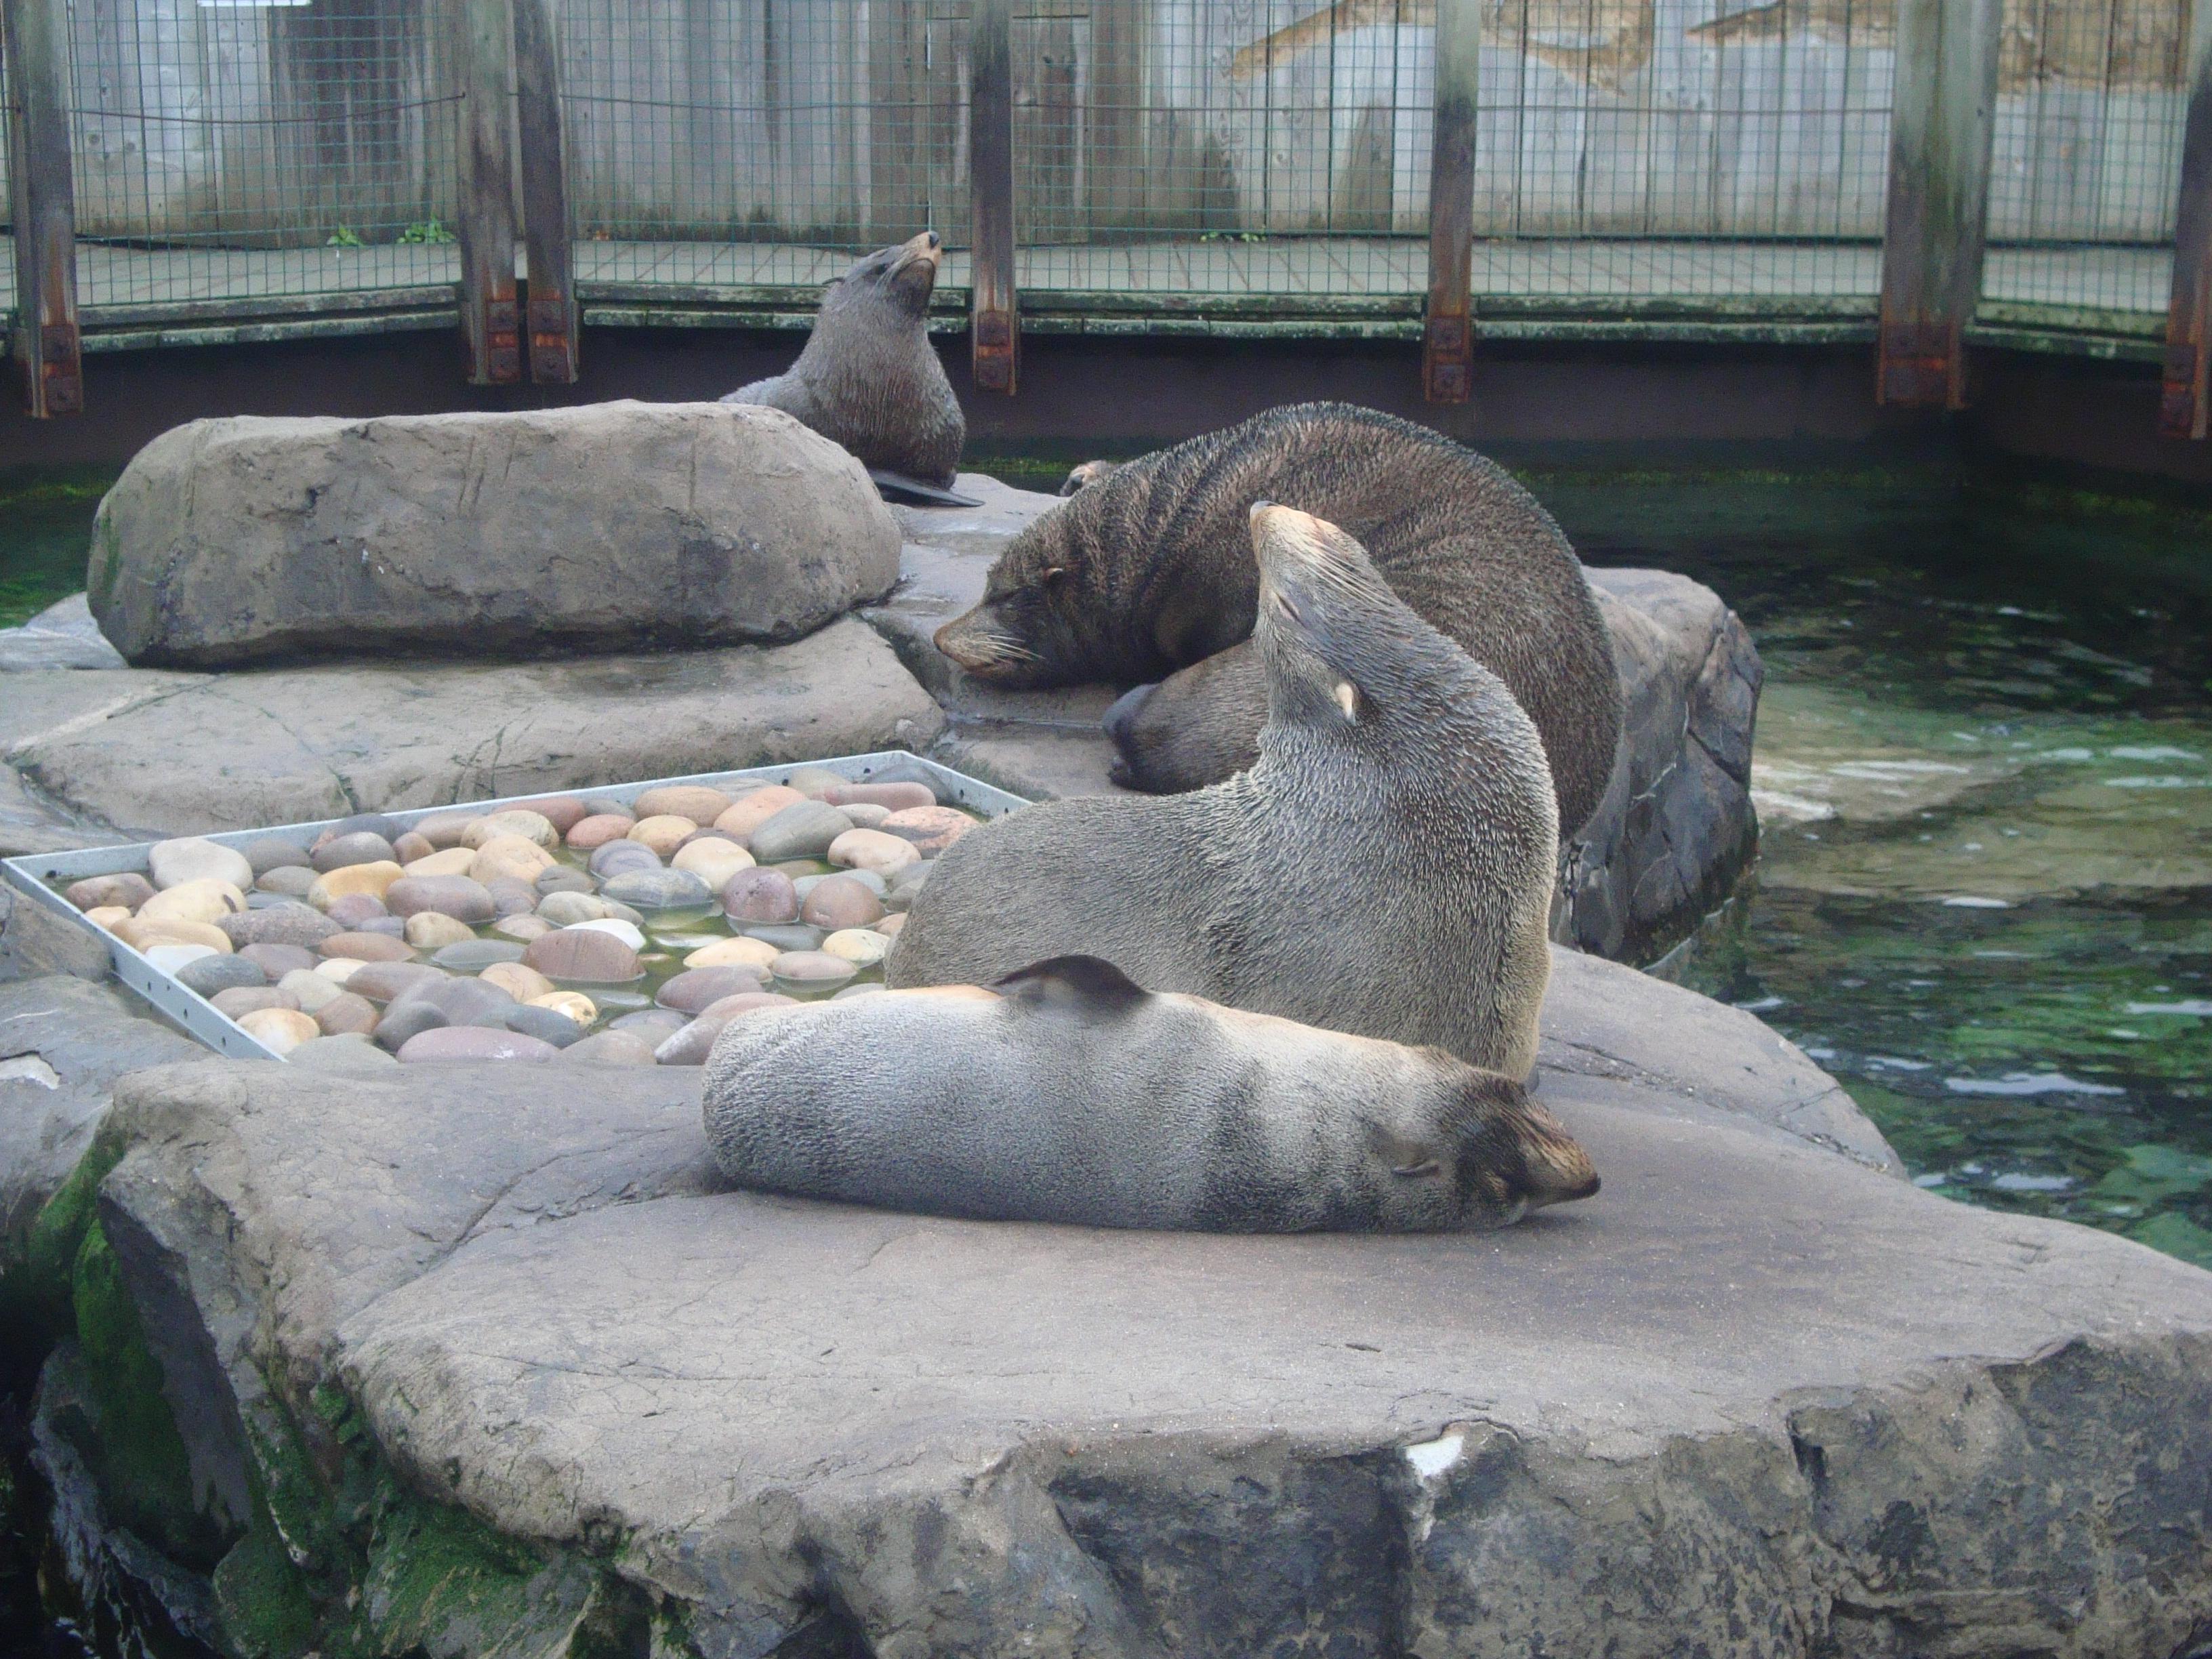 Seals wallpaper > Seals Papel de parede > Seals Fondos